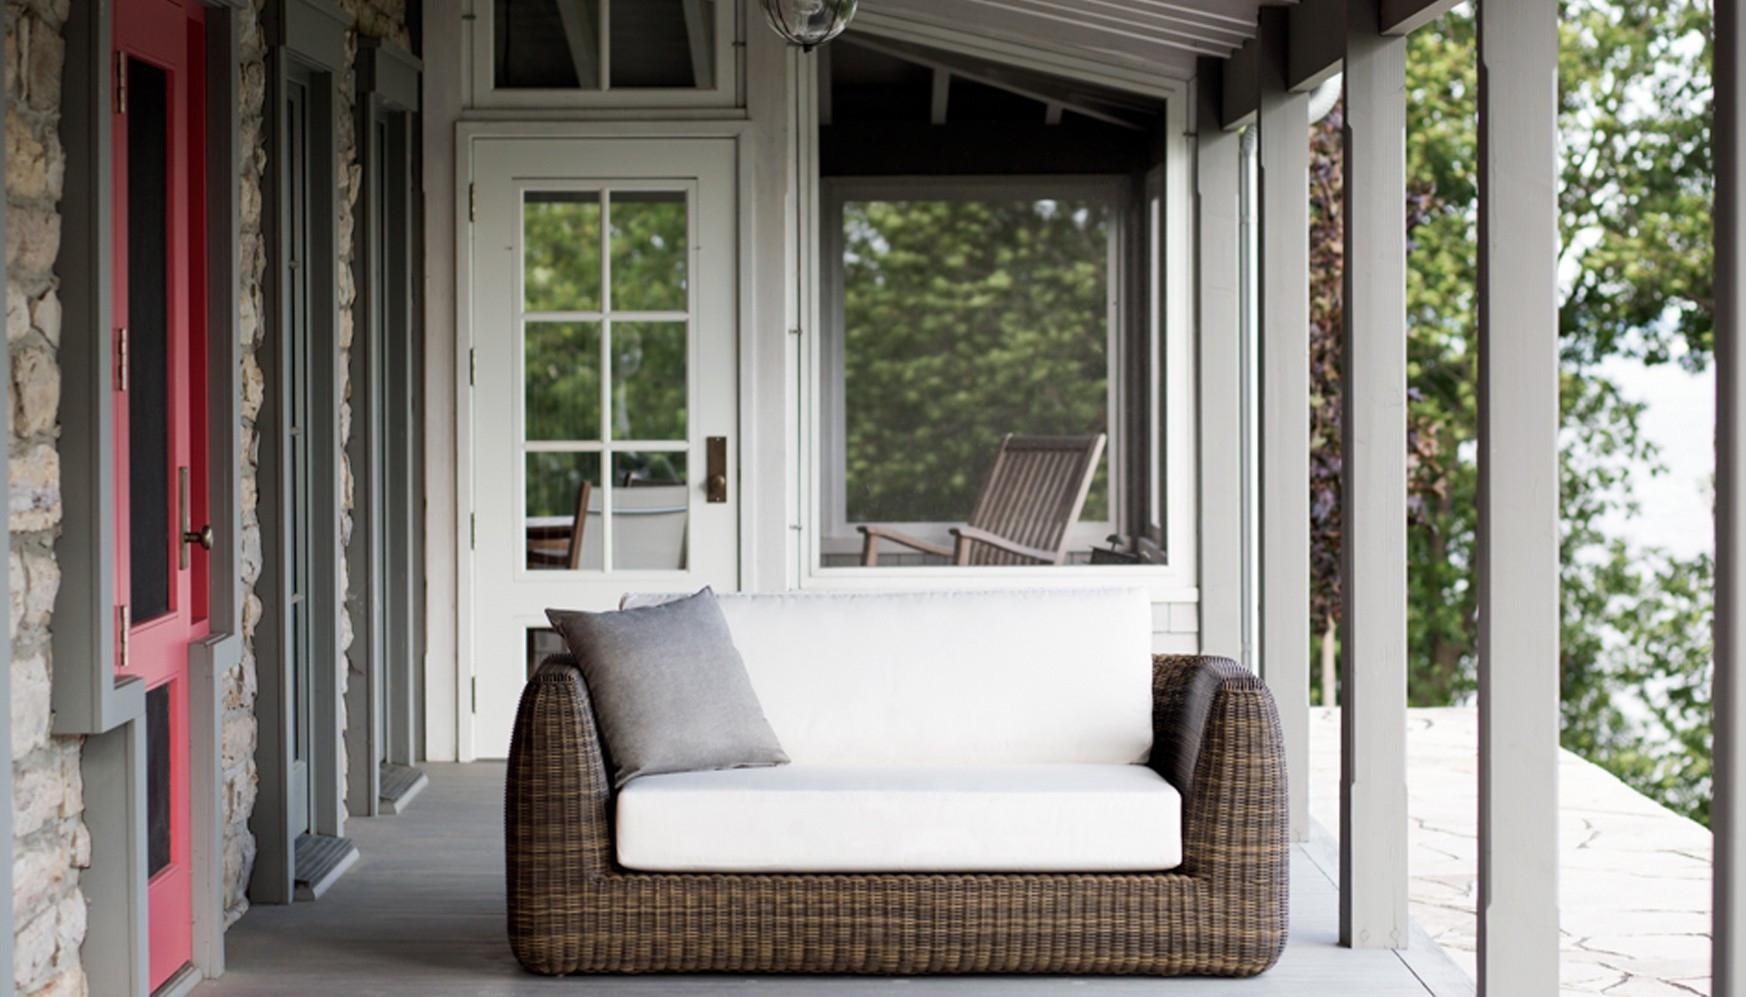 Chalet Jardin Boutique Élégant Images Fin De Serie Salon De Jardin Aussi Fascinant Mobilier De Jardin